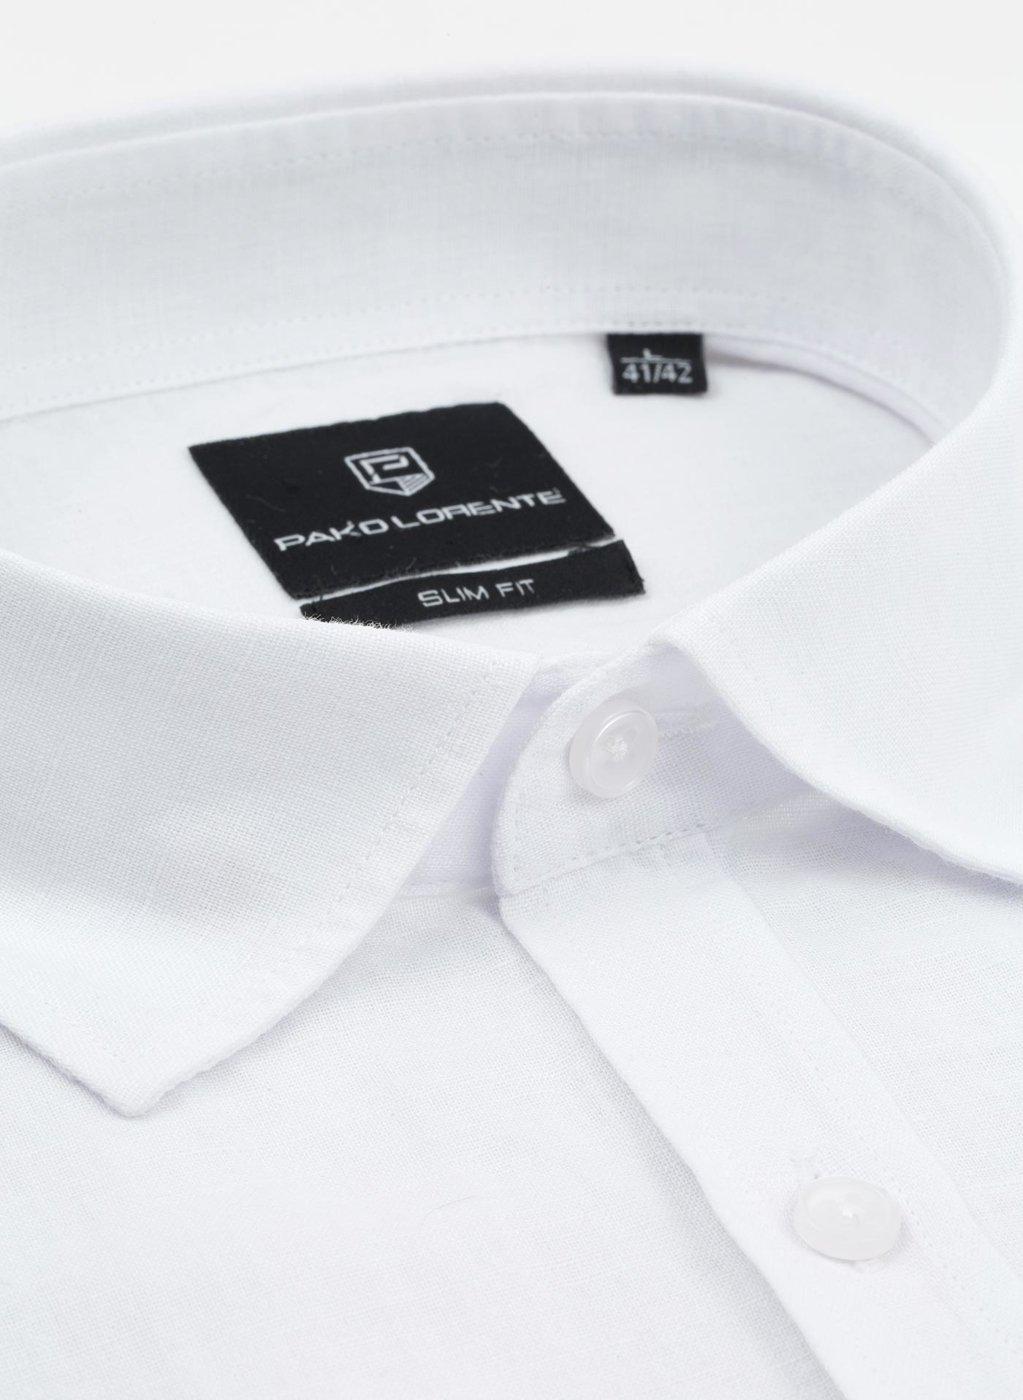 Biała koszula klasyczna męska z przewiewnej tkaniny | Lniana  lvuWm